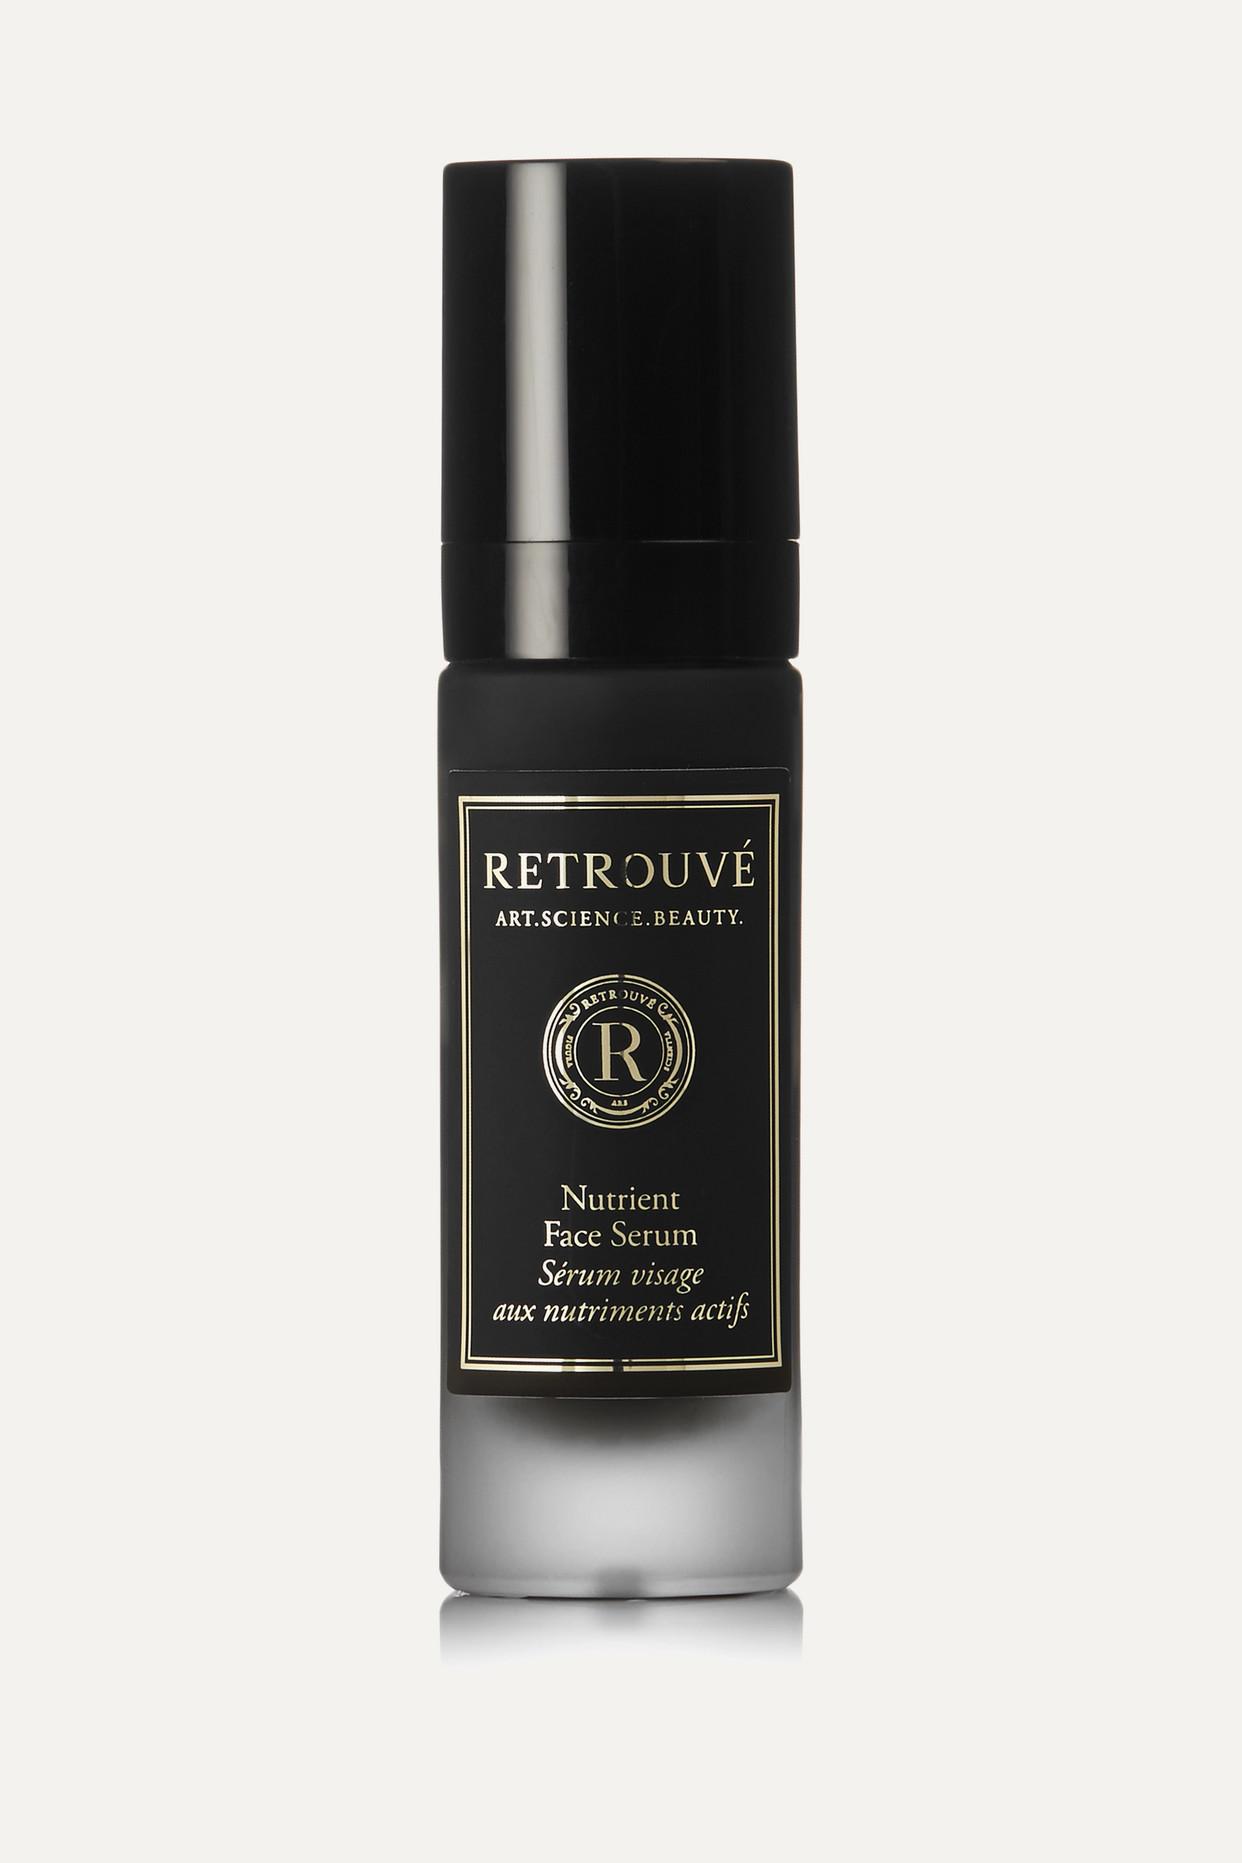 RETROUVÉ - Nutrient Face Serum, 30ml - one size